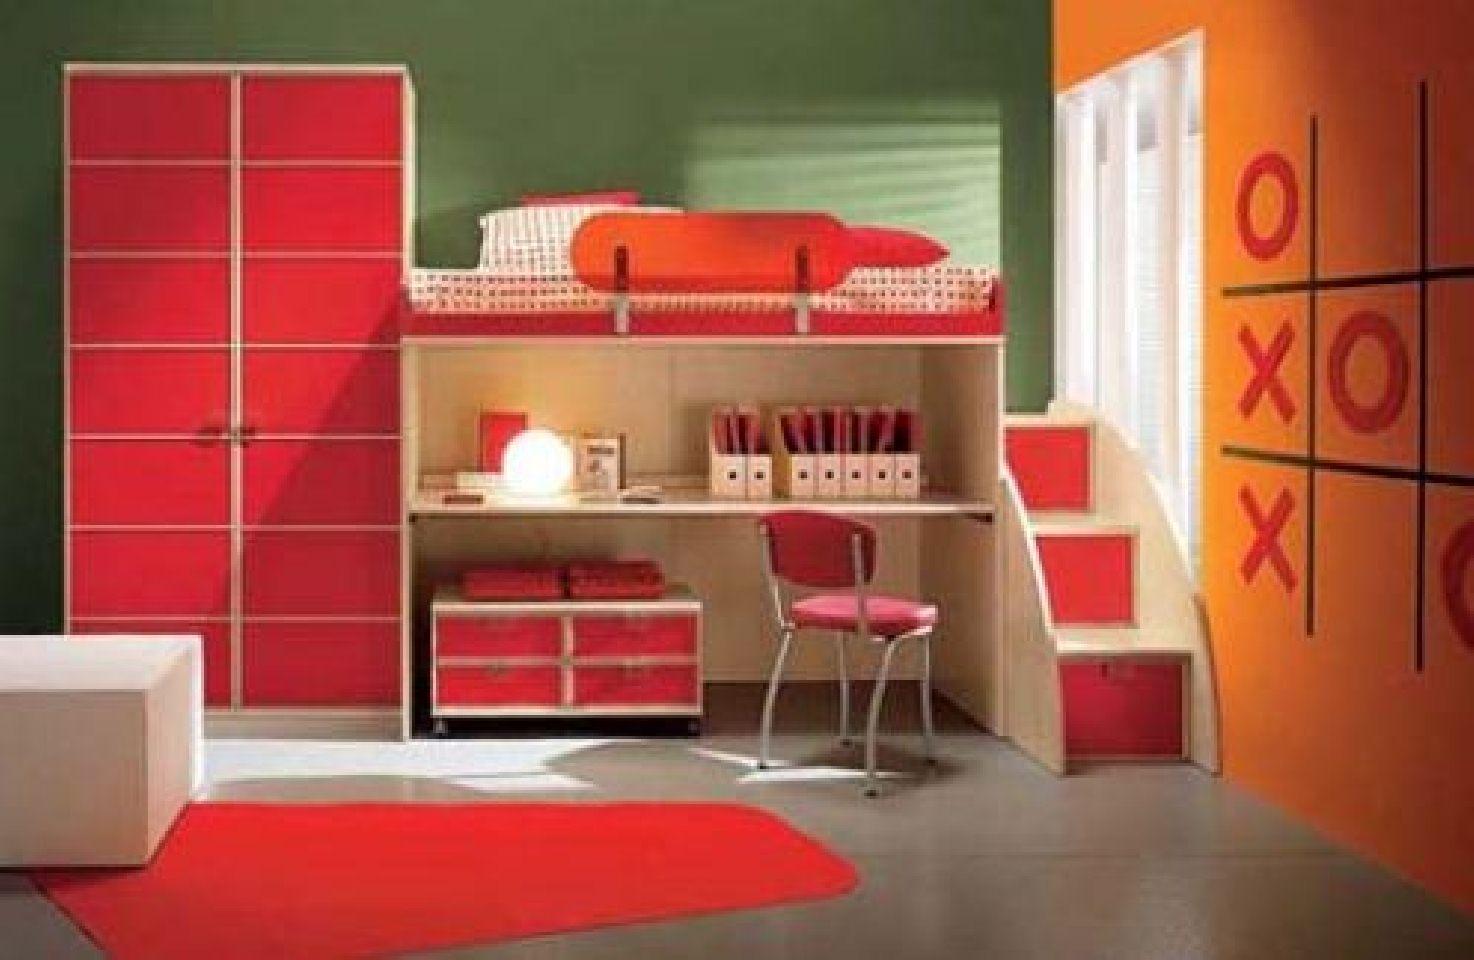 Kırmızı-Tek-Kişilik-Çocuk-Ranzası Tek Kişilik Ranza Modelleri Çok Fonksiyonel